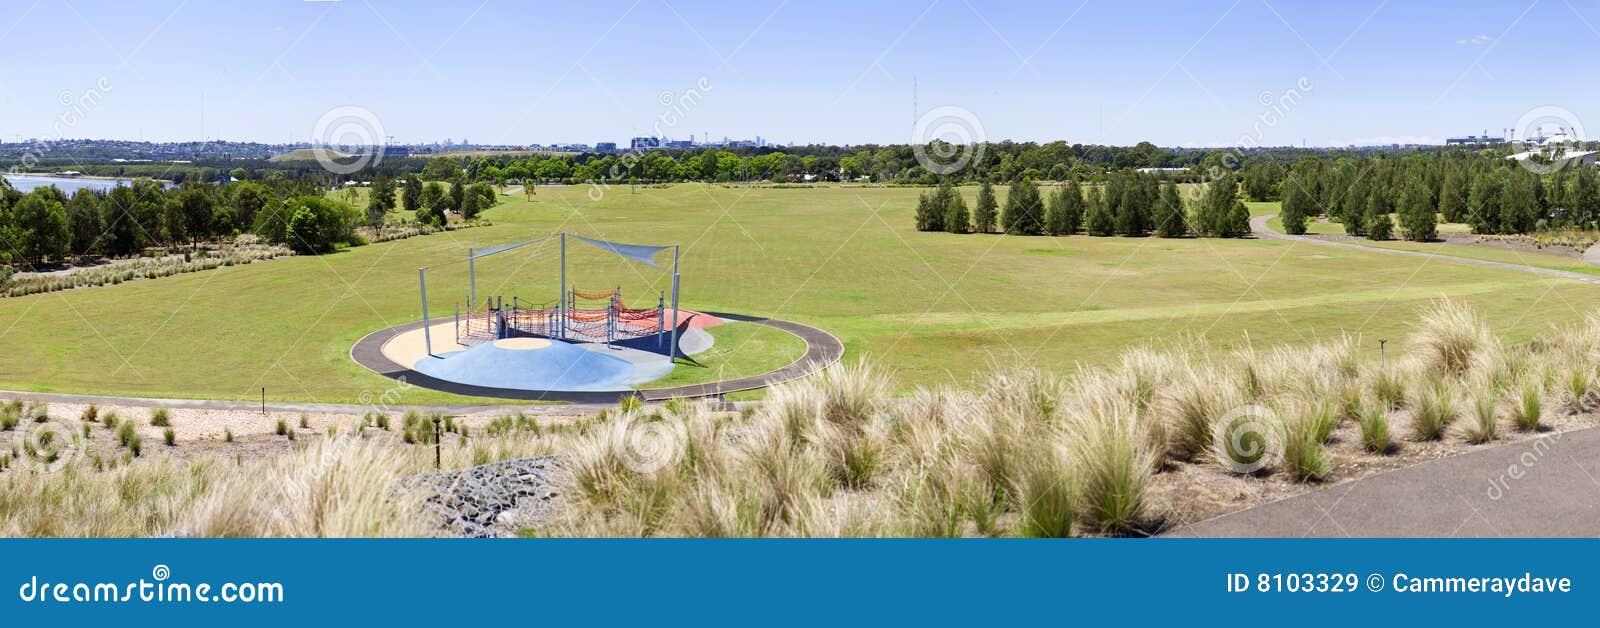 Sydney Homebush Olympic Park Royalty Free Stock Images